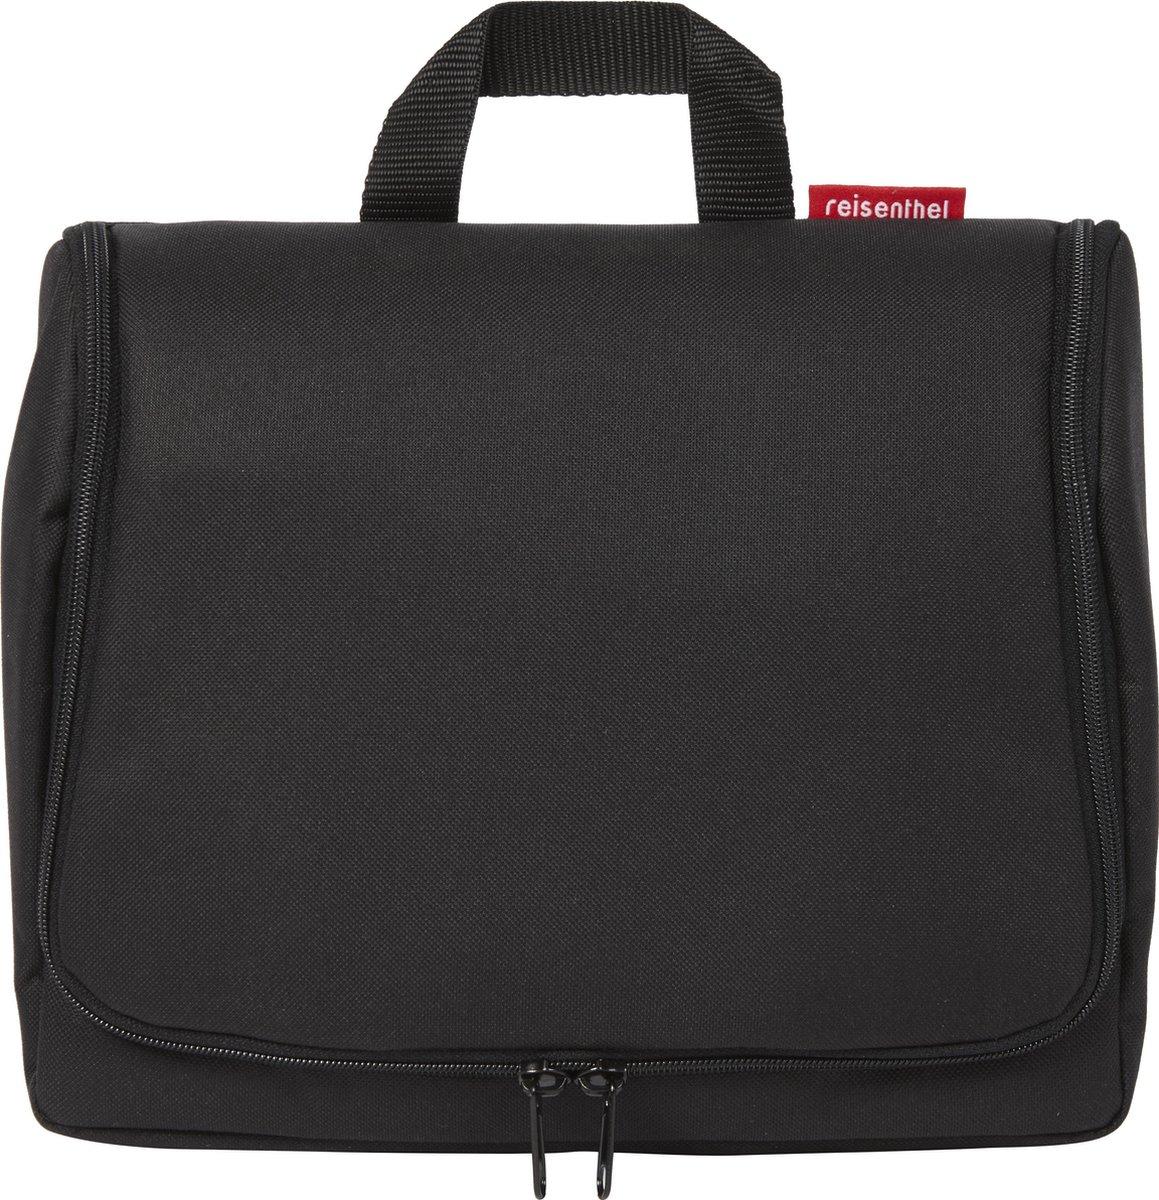 Reisenthel Toiletbag XL Ophangbare Toilettas 4L - Black